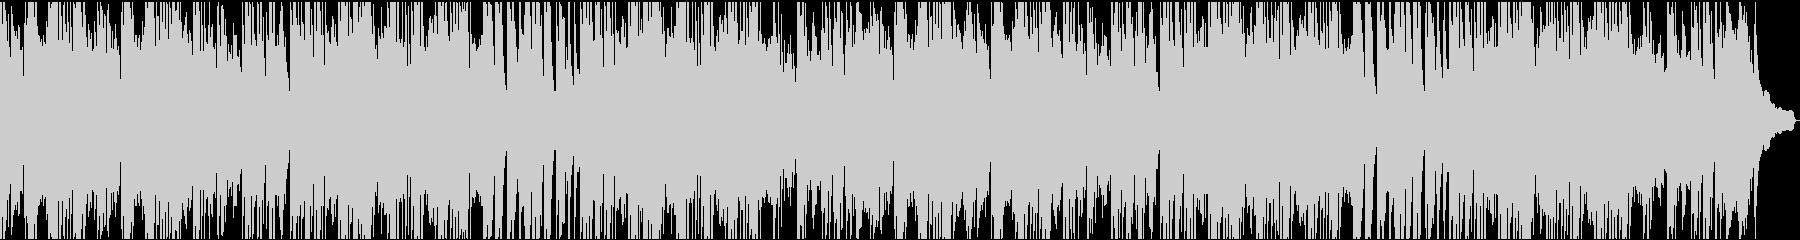 企業VP17 16bit44kHzVerの未再生の波形